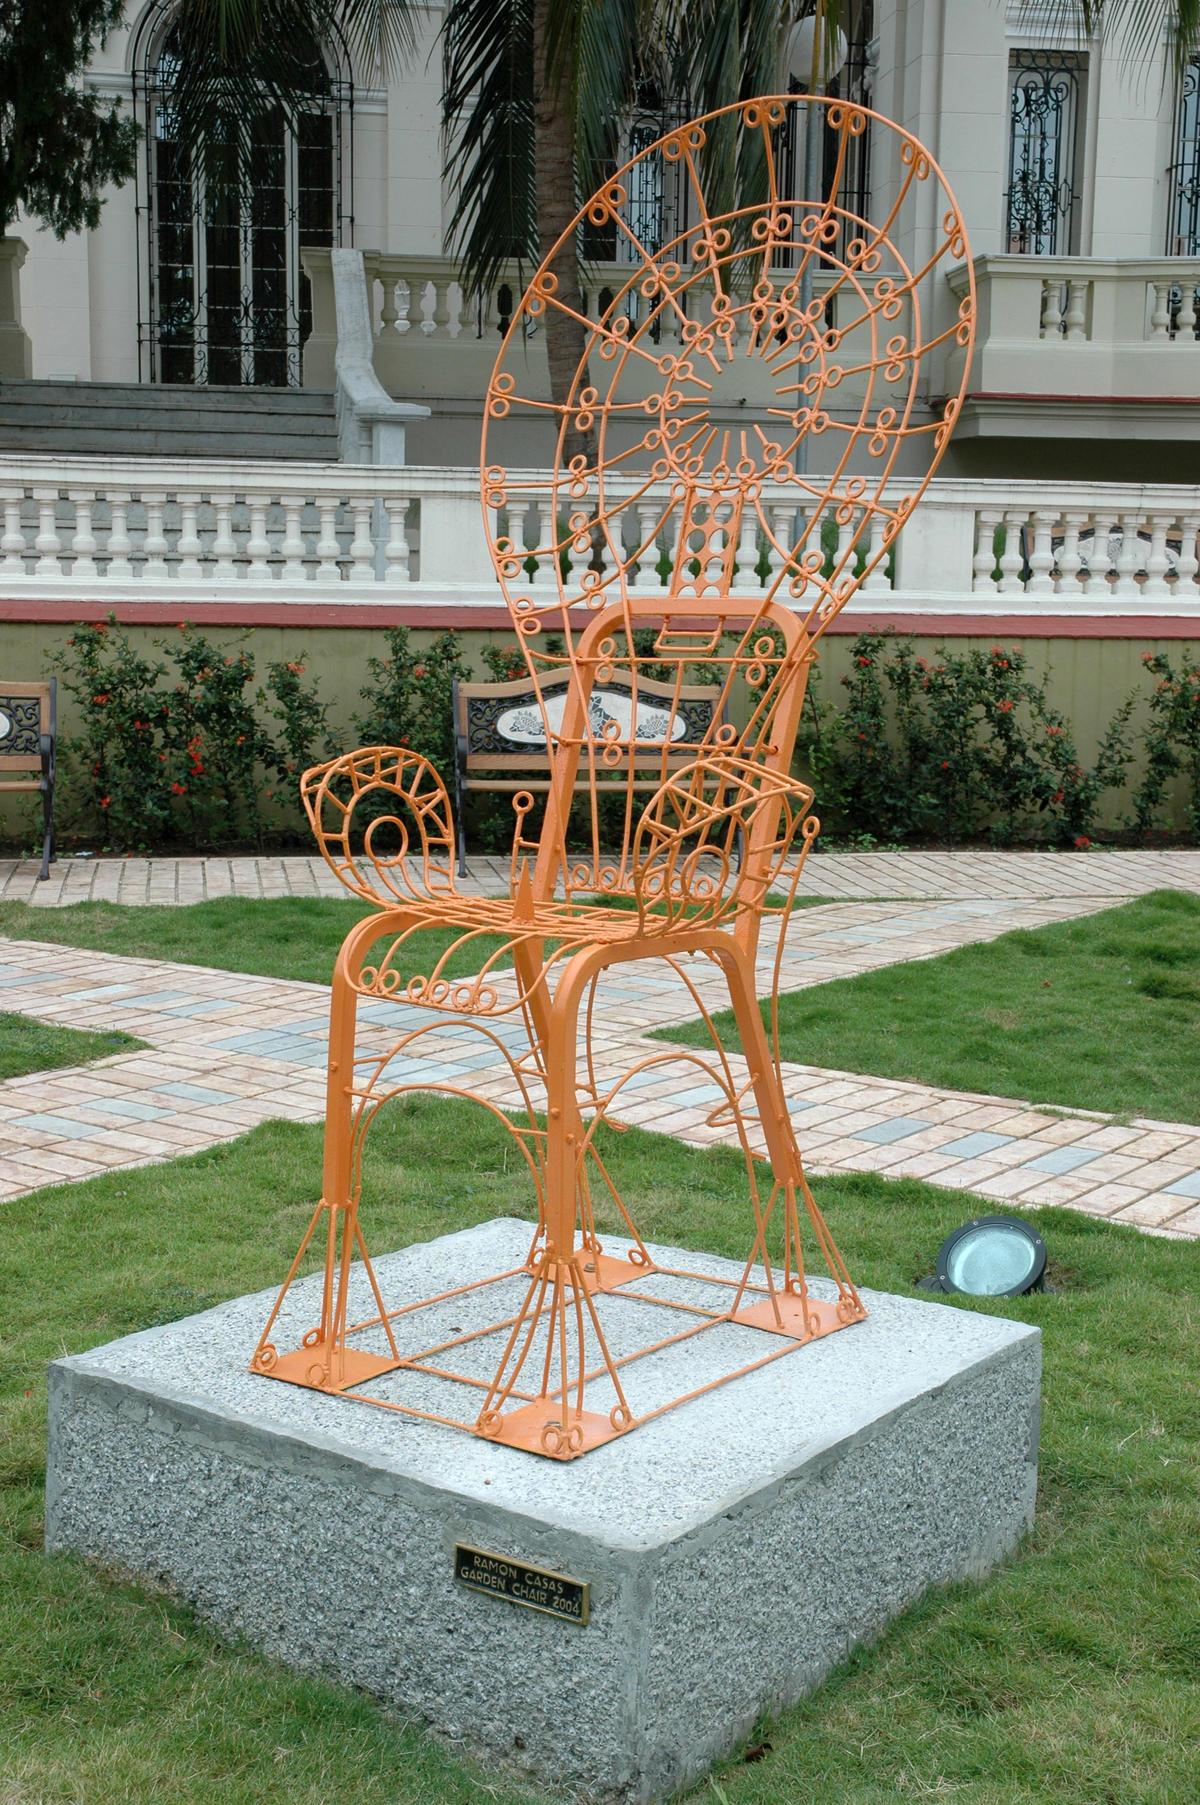 Ramón Casas. Garden Chair. 2004. Metal. Obra ubicada en la Biblioteca Museo Servando Cabrera Moreno, La Habana.